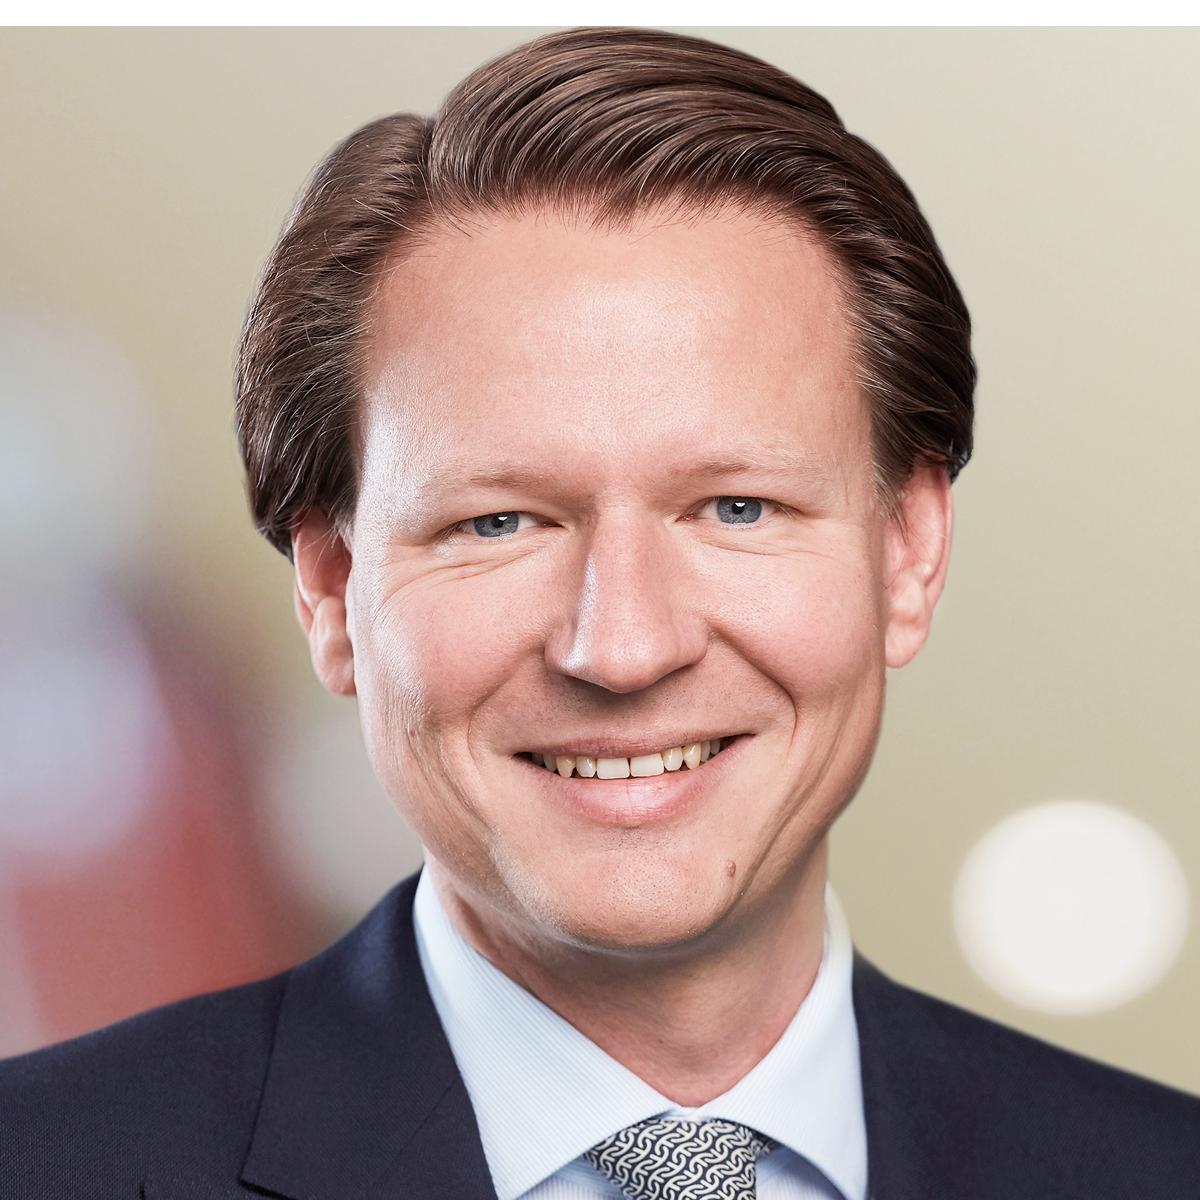 Mattias Schmelzer